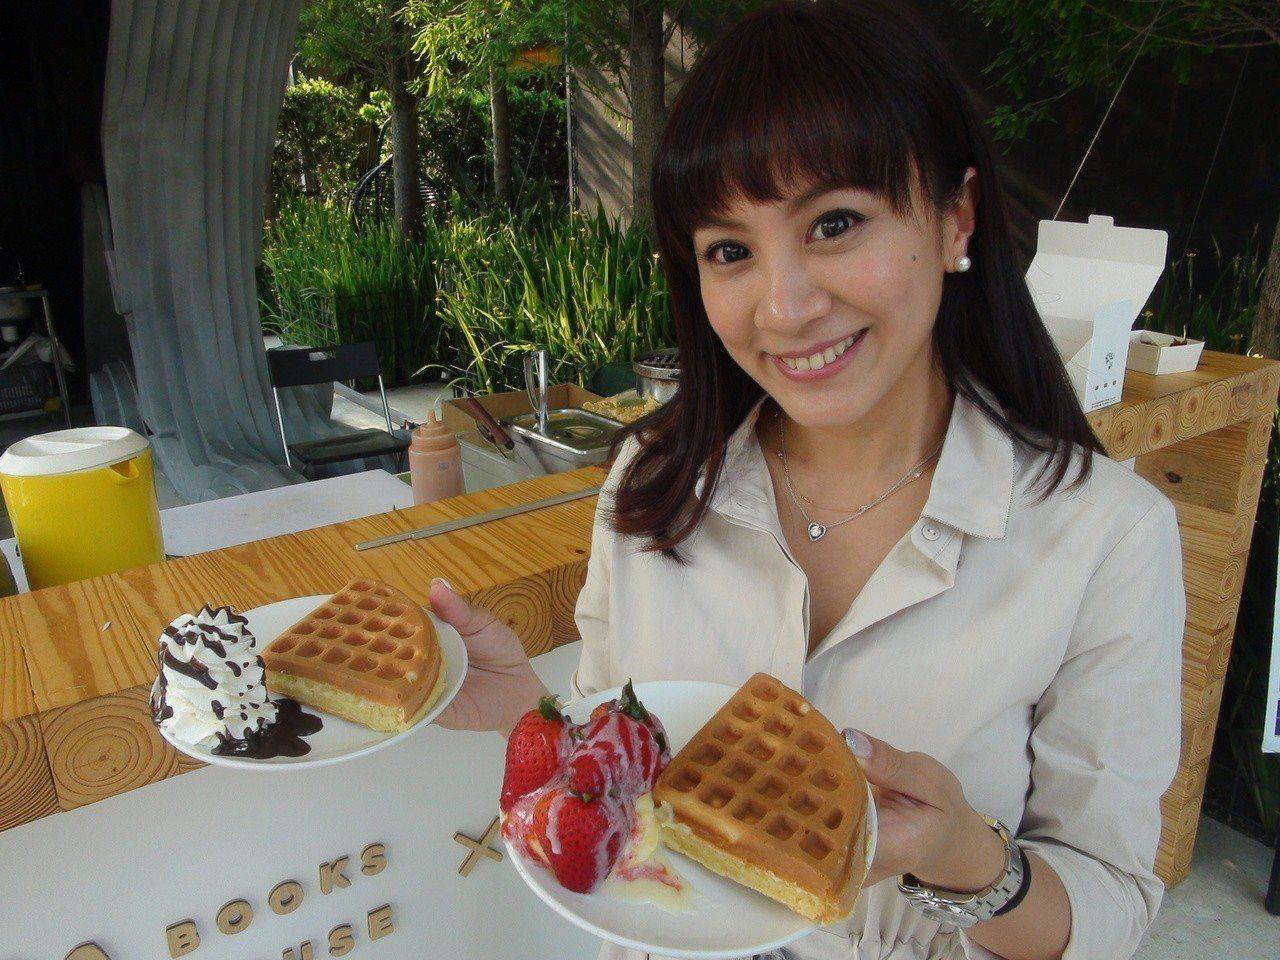 樂樂書屋首度與台北知名的「咖啡弄」異業結盟,在樂樂書屋舉辦聯名快閃活動,讓愛書人...